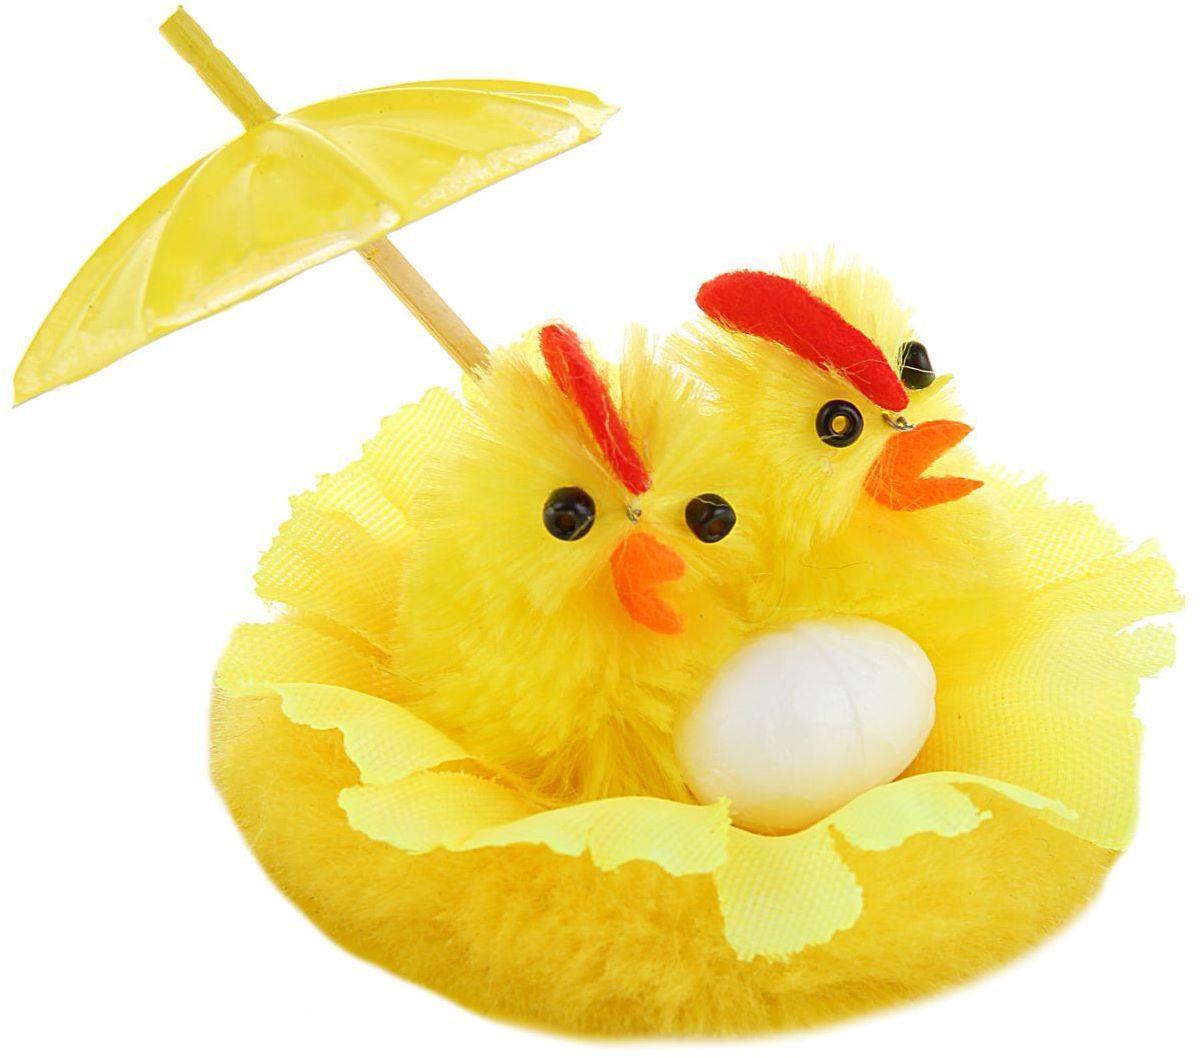 Сувенир пасхальный Sima-land Цыплята с зонтиком, 7 х 7 х 4,5 см1152484Сувенир Цыплята с зонтиком — самый популярный пасхальный декор. Фигурками цып принято декорировать праздничный пасхальный стол во многих странах мира. Россия не исключение.Вы можете украсить таким замечательным сувениром тарелку гостей, превратив её в гнездо. Или преподнести его в качестве подарка близкому человеку. Удивите себя и родных!